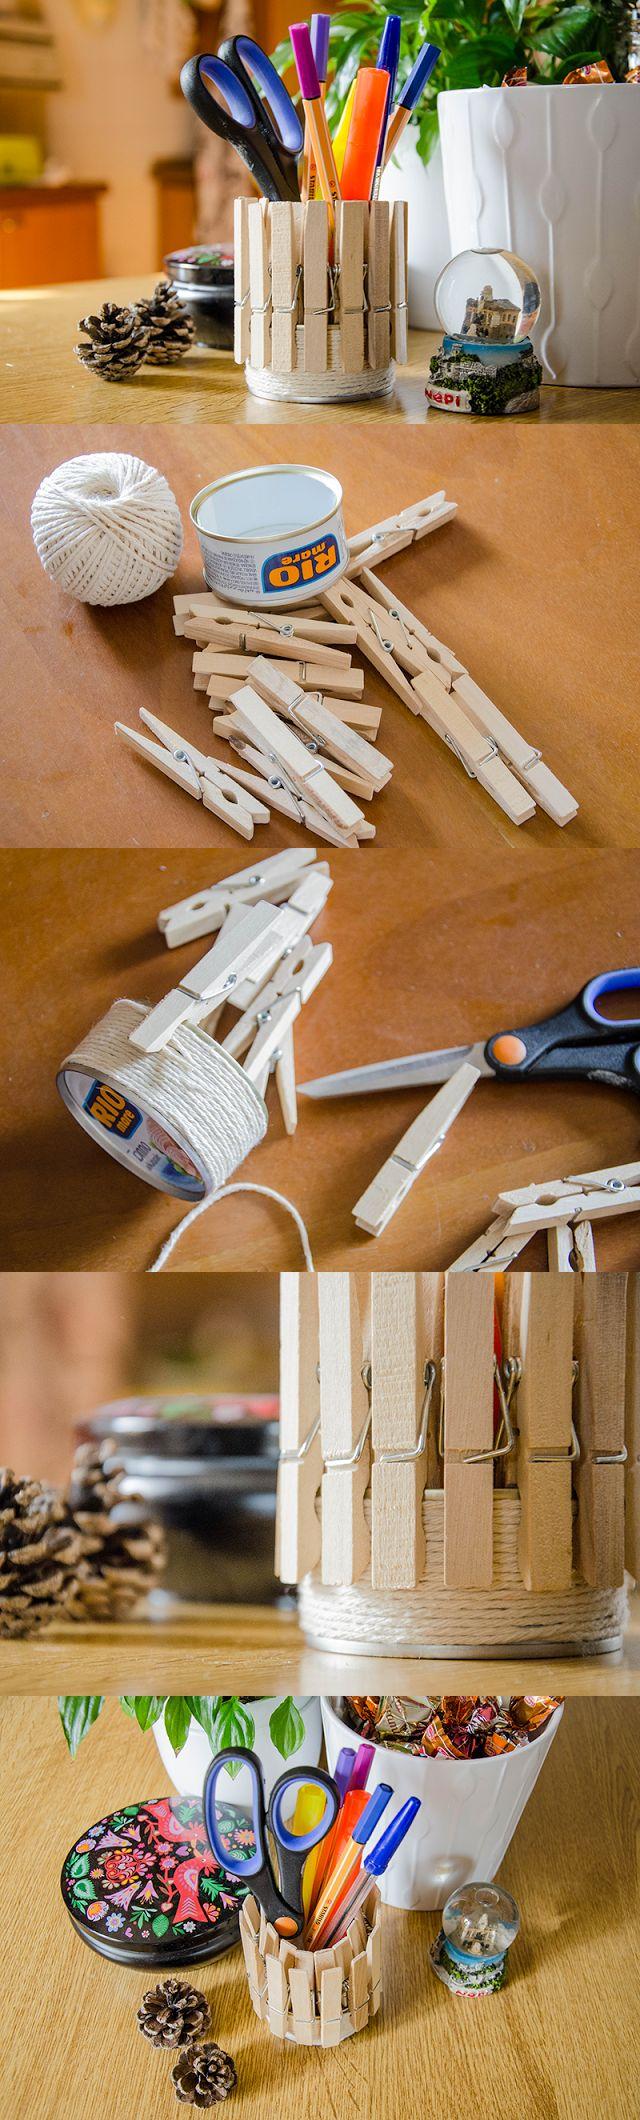 Penholder with cane of tuna and clothespins - DIY | Portapenne con scatoletta di tonno e mollette.